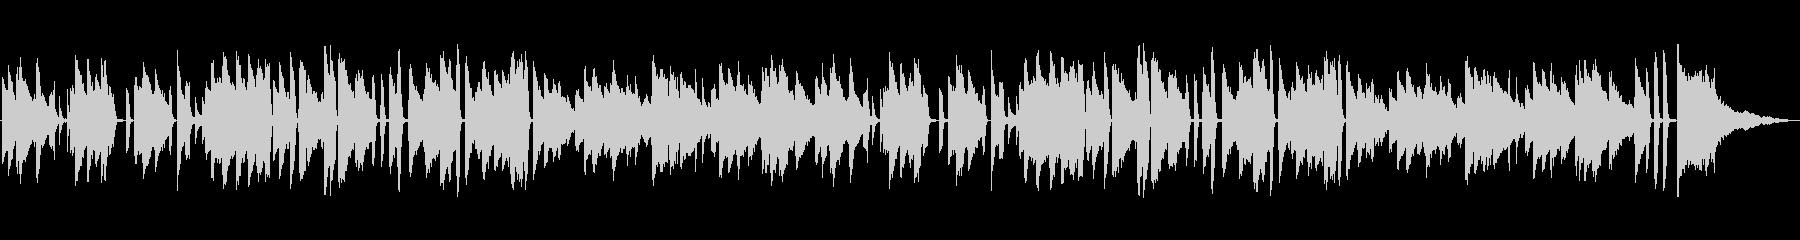 明るい・陽気・溌溂・ジャズ・ピアノソロの未再生の波形